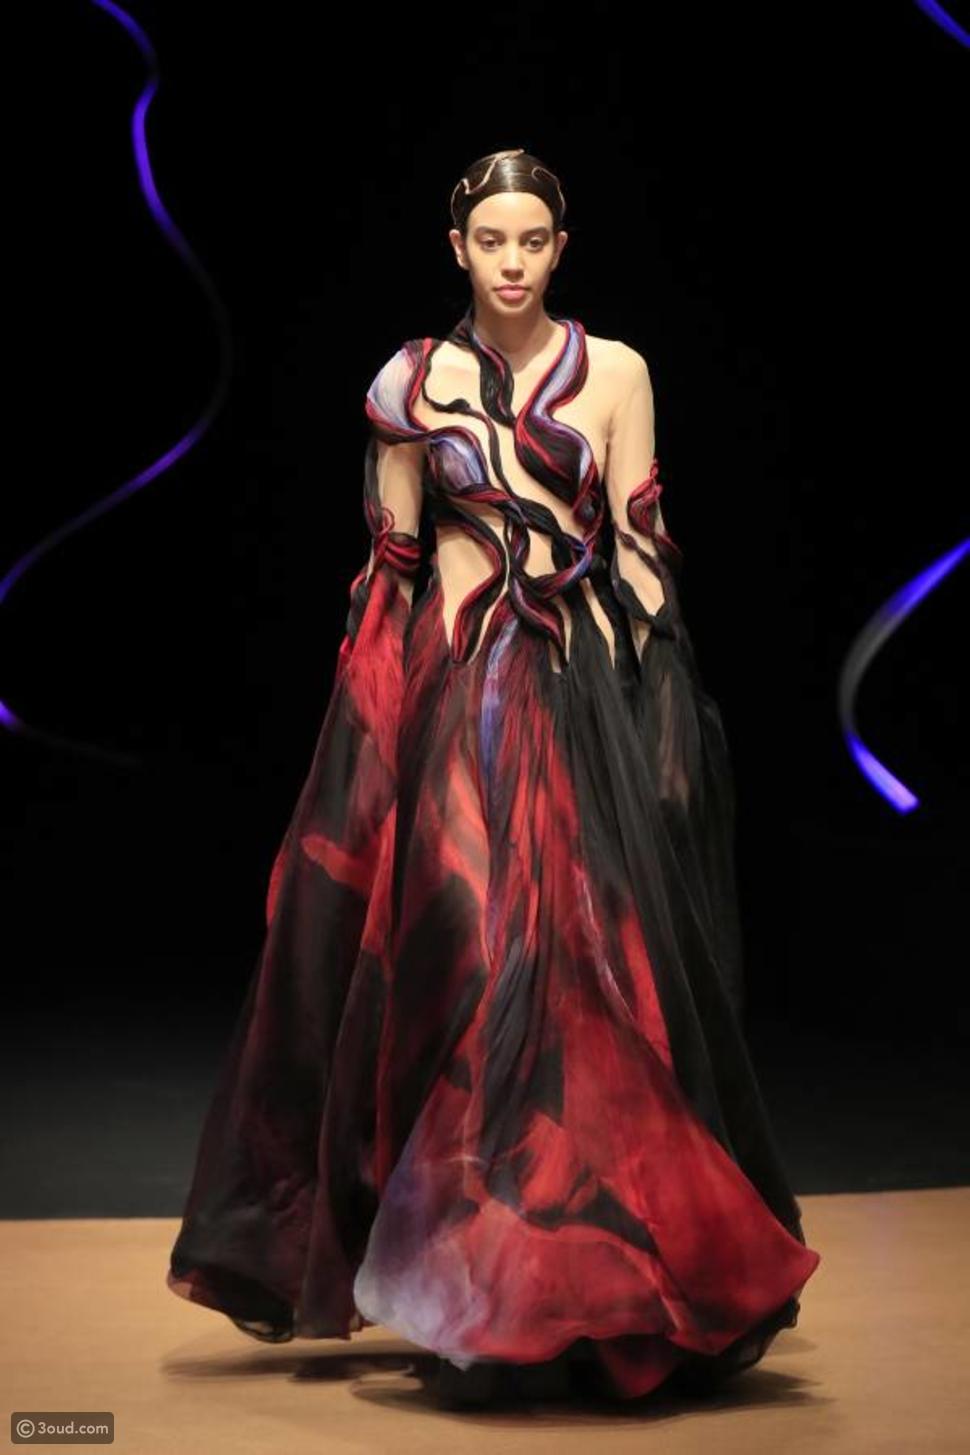 تصاميم باللايزر تميز عرض IRIS VAN HERPEN الراقي لصيف 2020